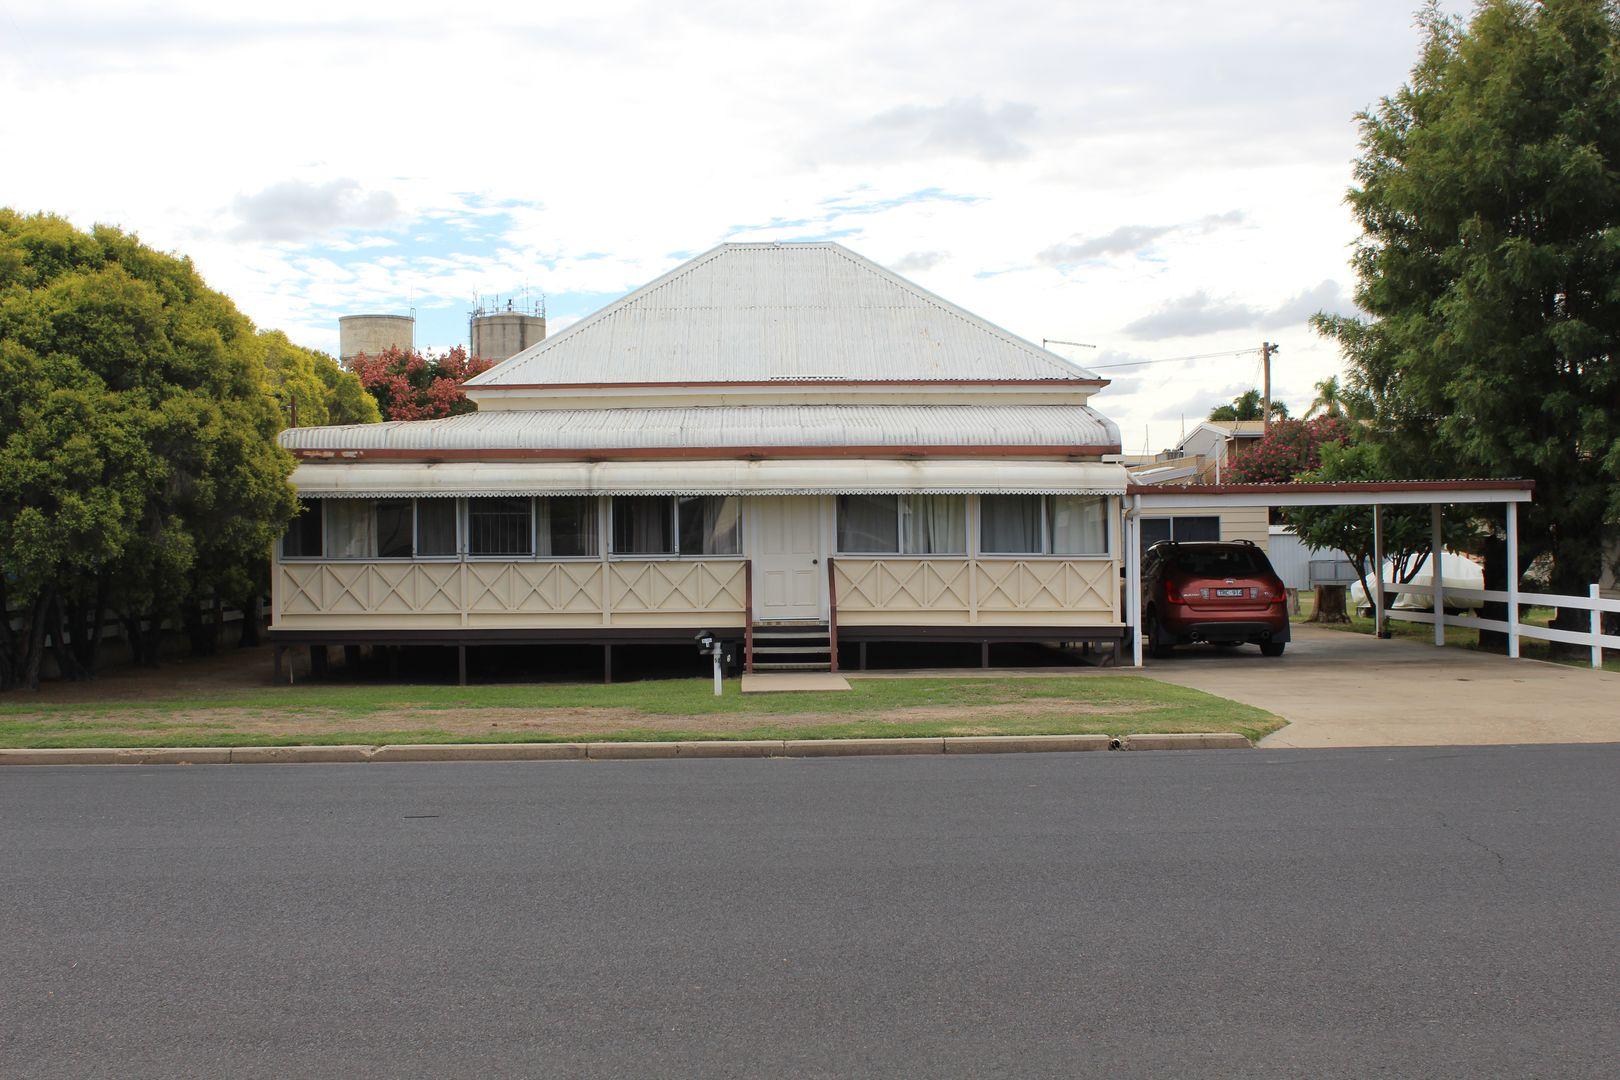 53 BOWEN ST, Goondiwindi QLD 4390, Image 0